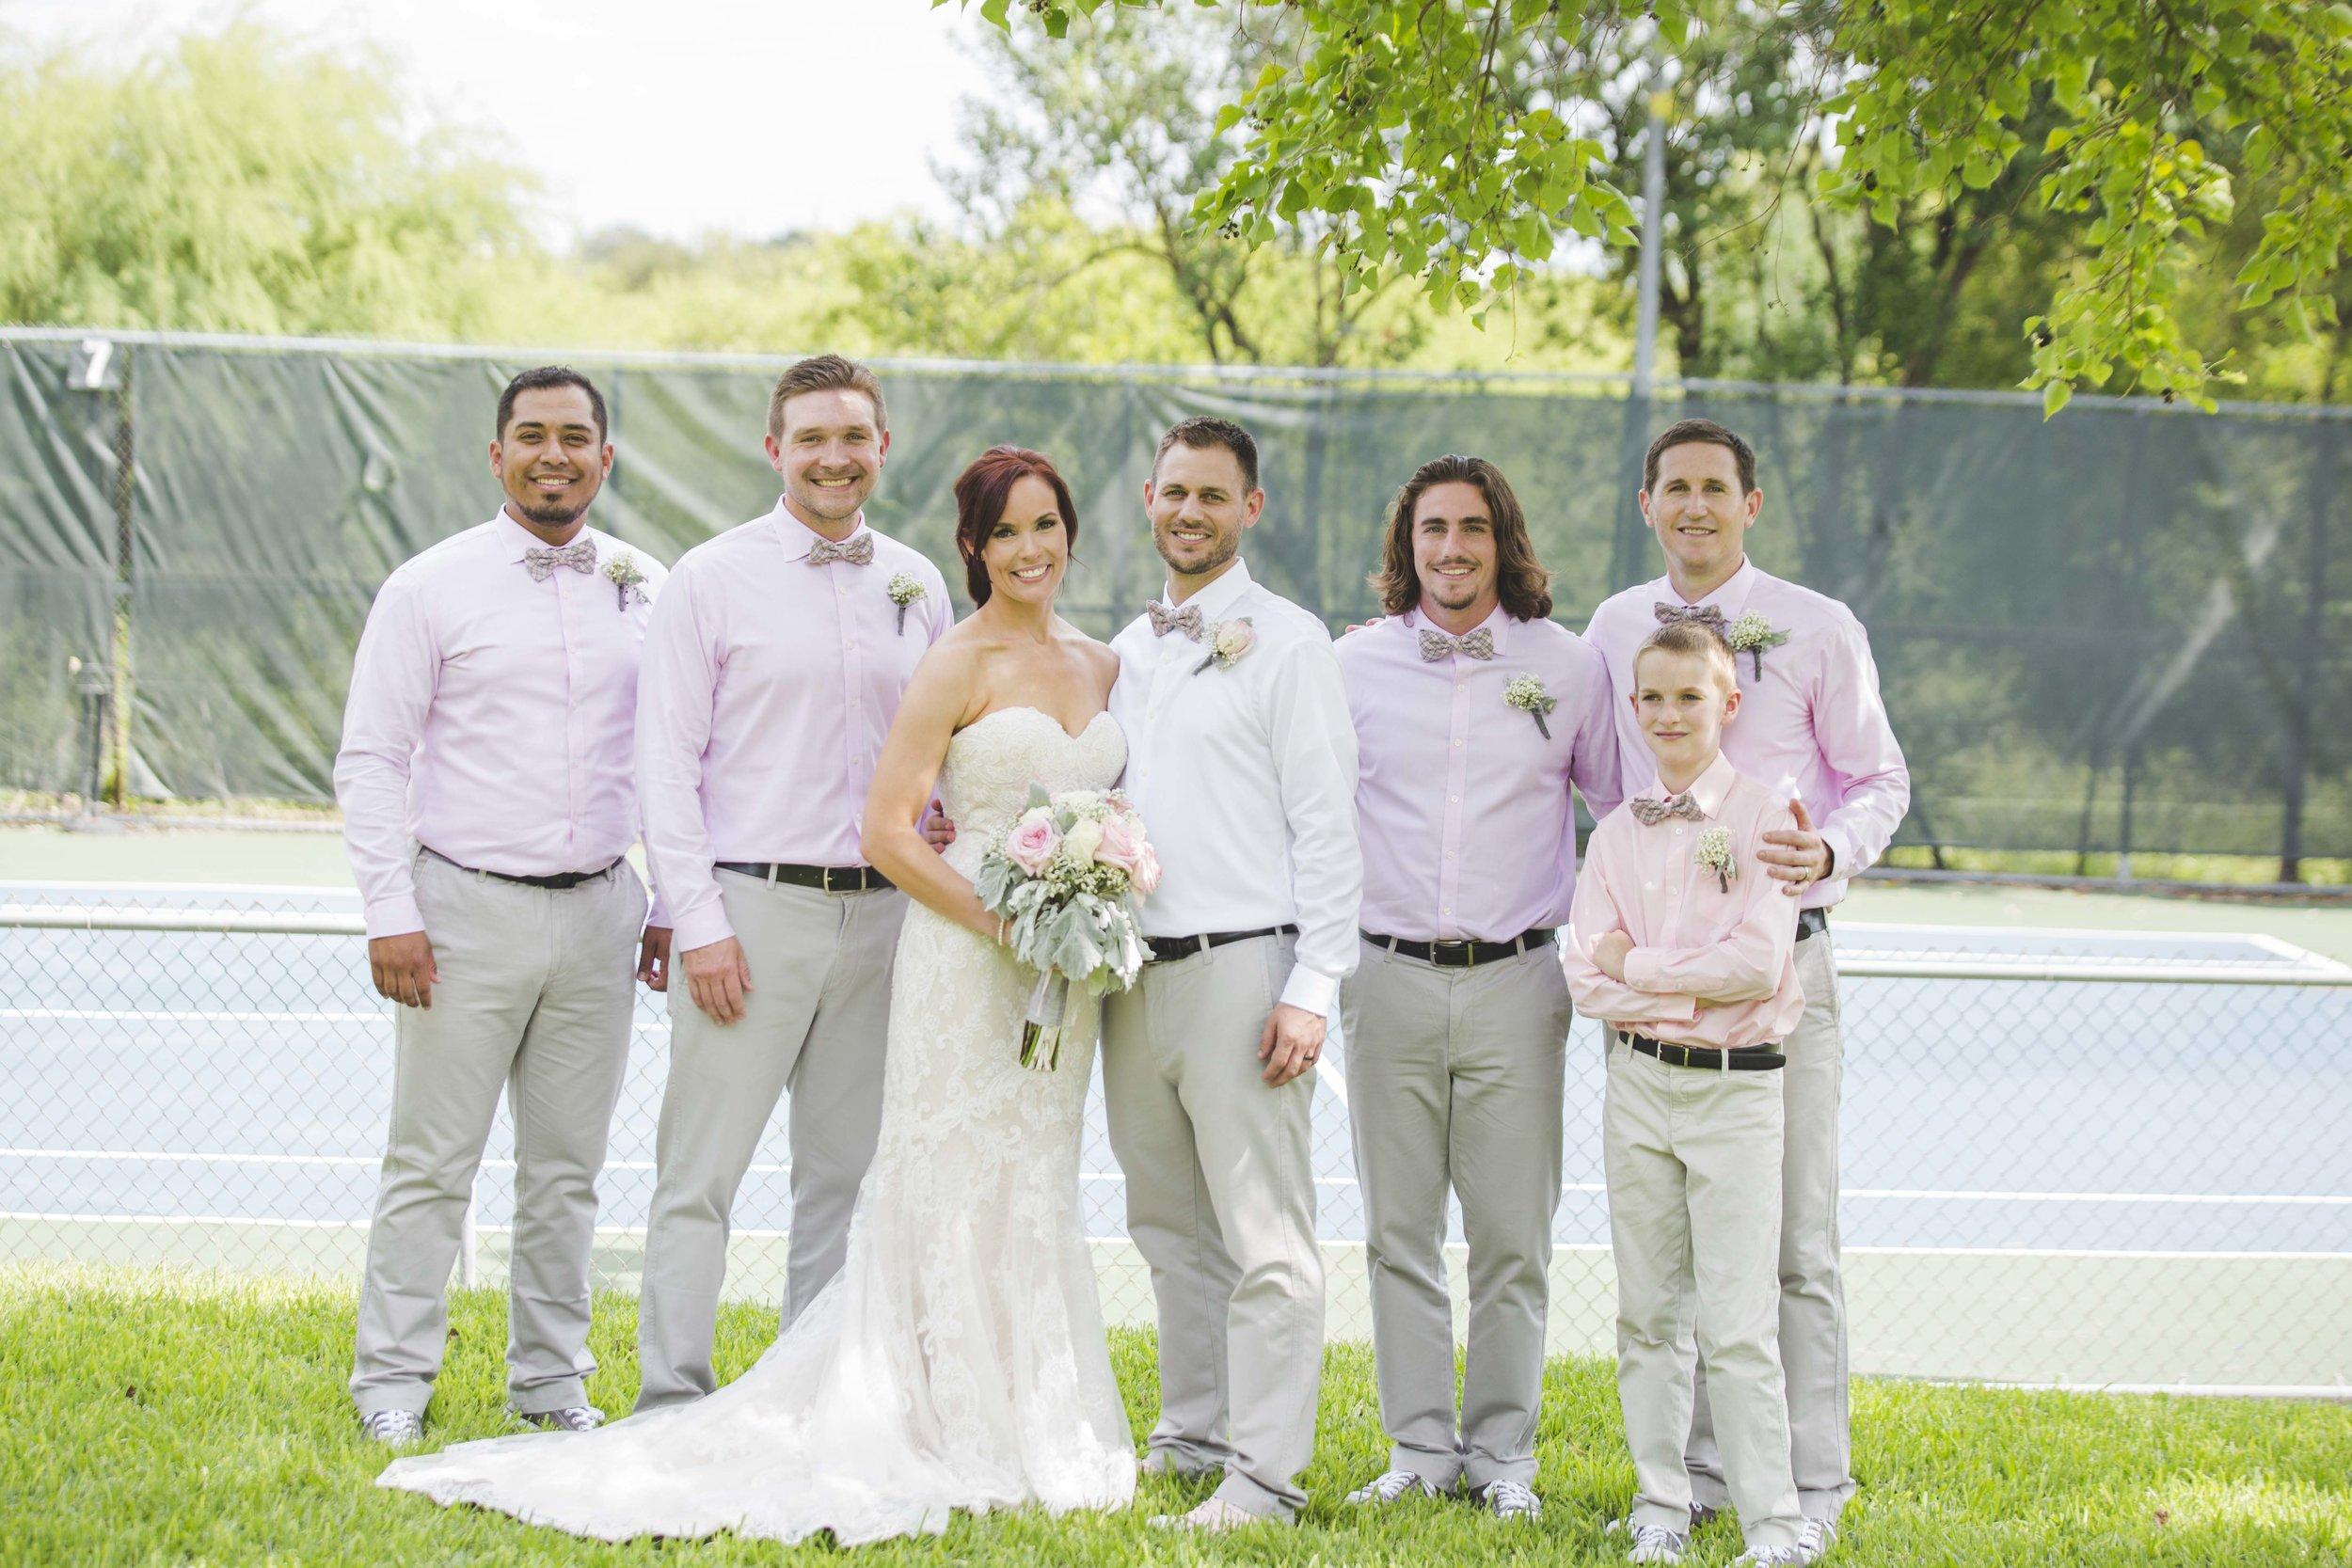 ATGI_Susanna & Matt Wedding_717A8220.jpg